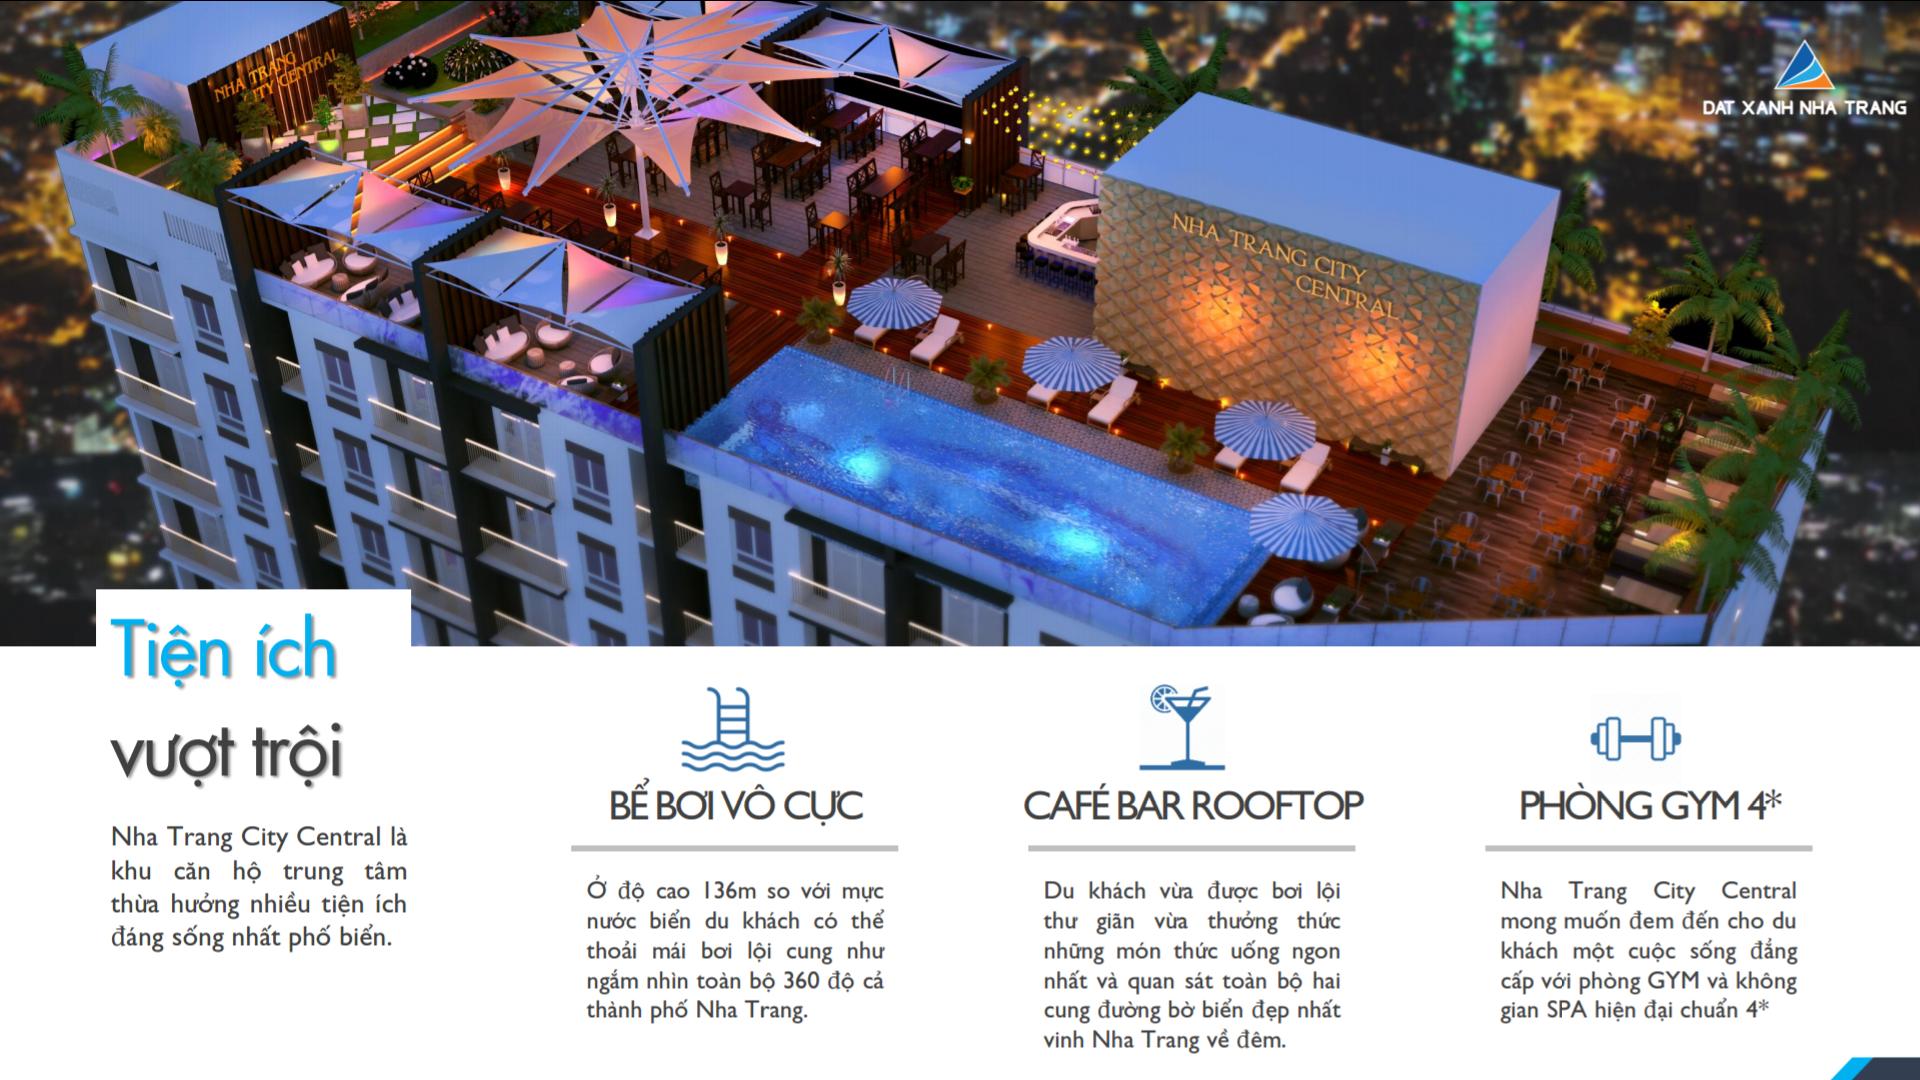 Tiện ích nội khuNha Trang City Central